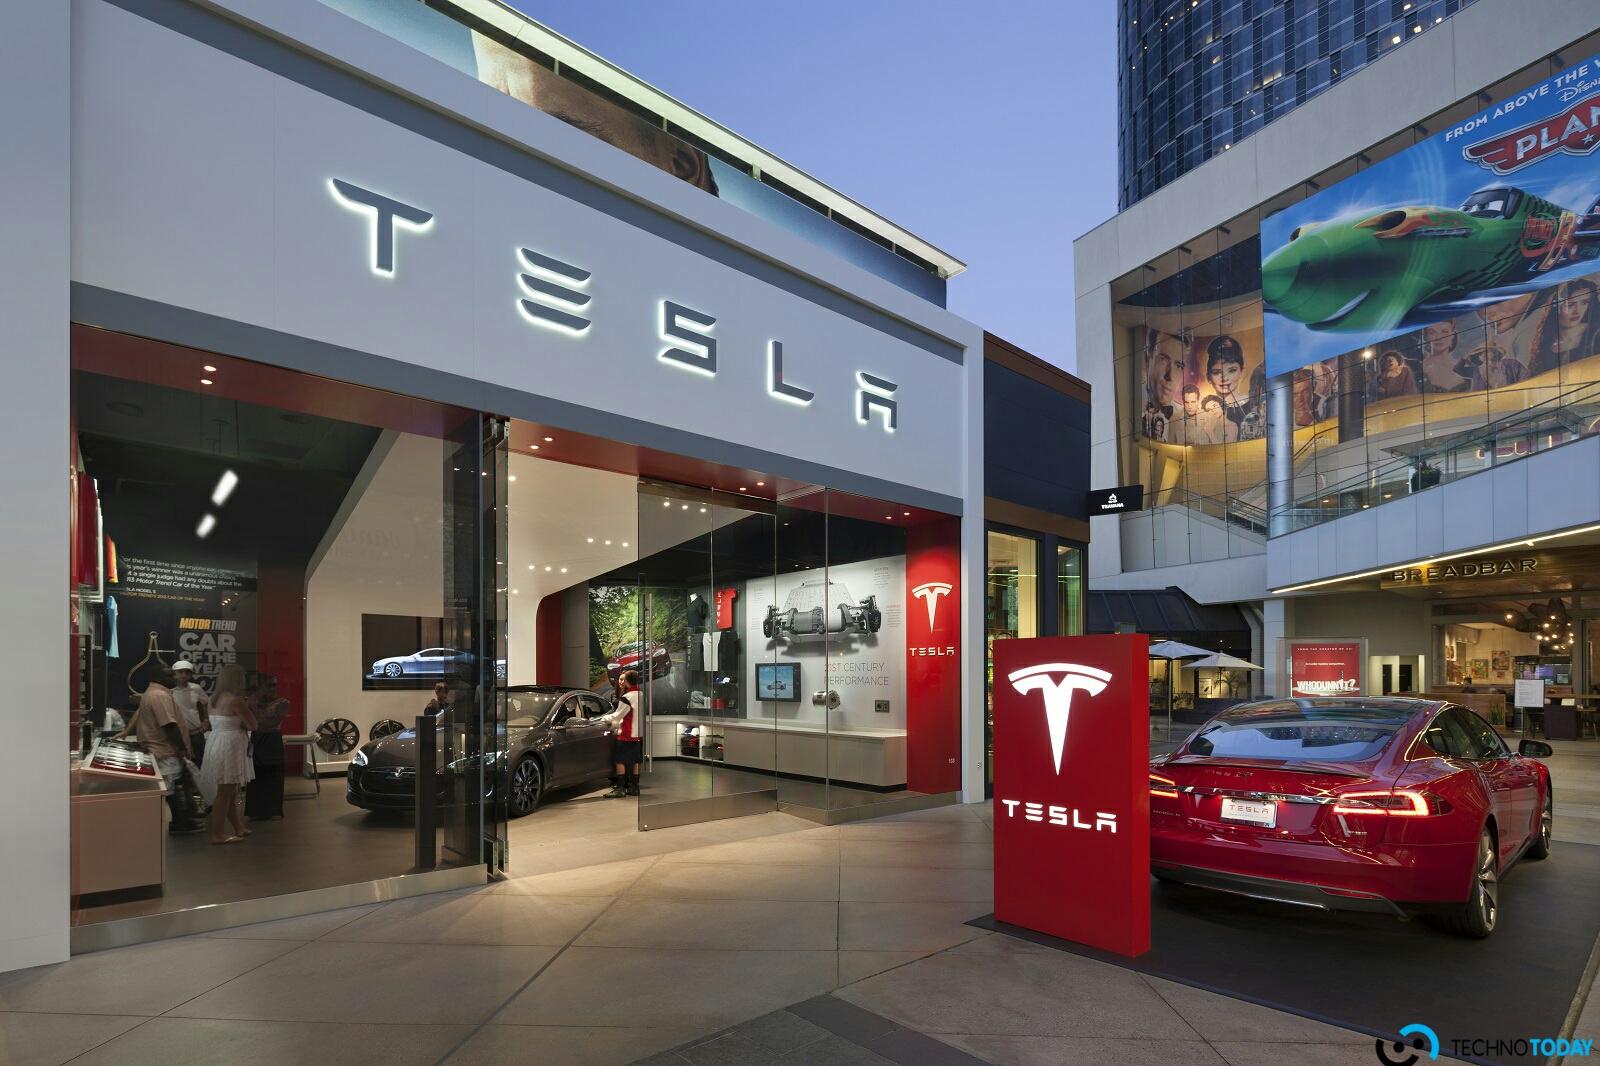 Tesla'da Satışlar Nedeniyle Kafalar Biraz Karışık